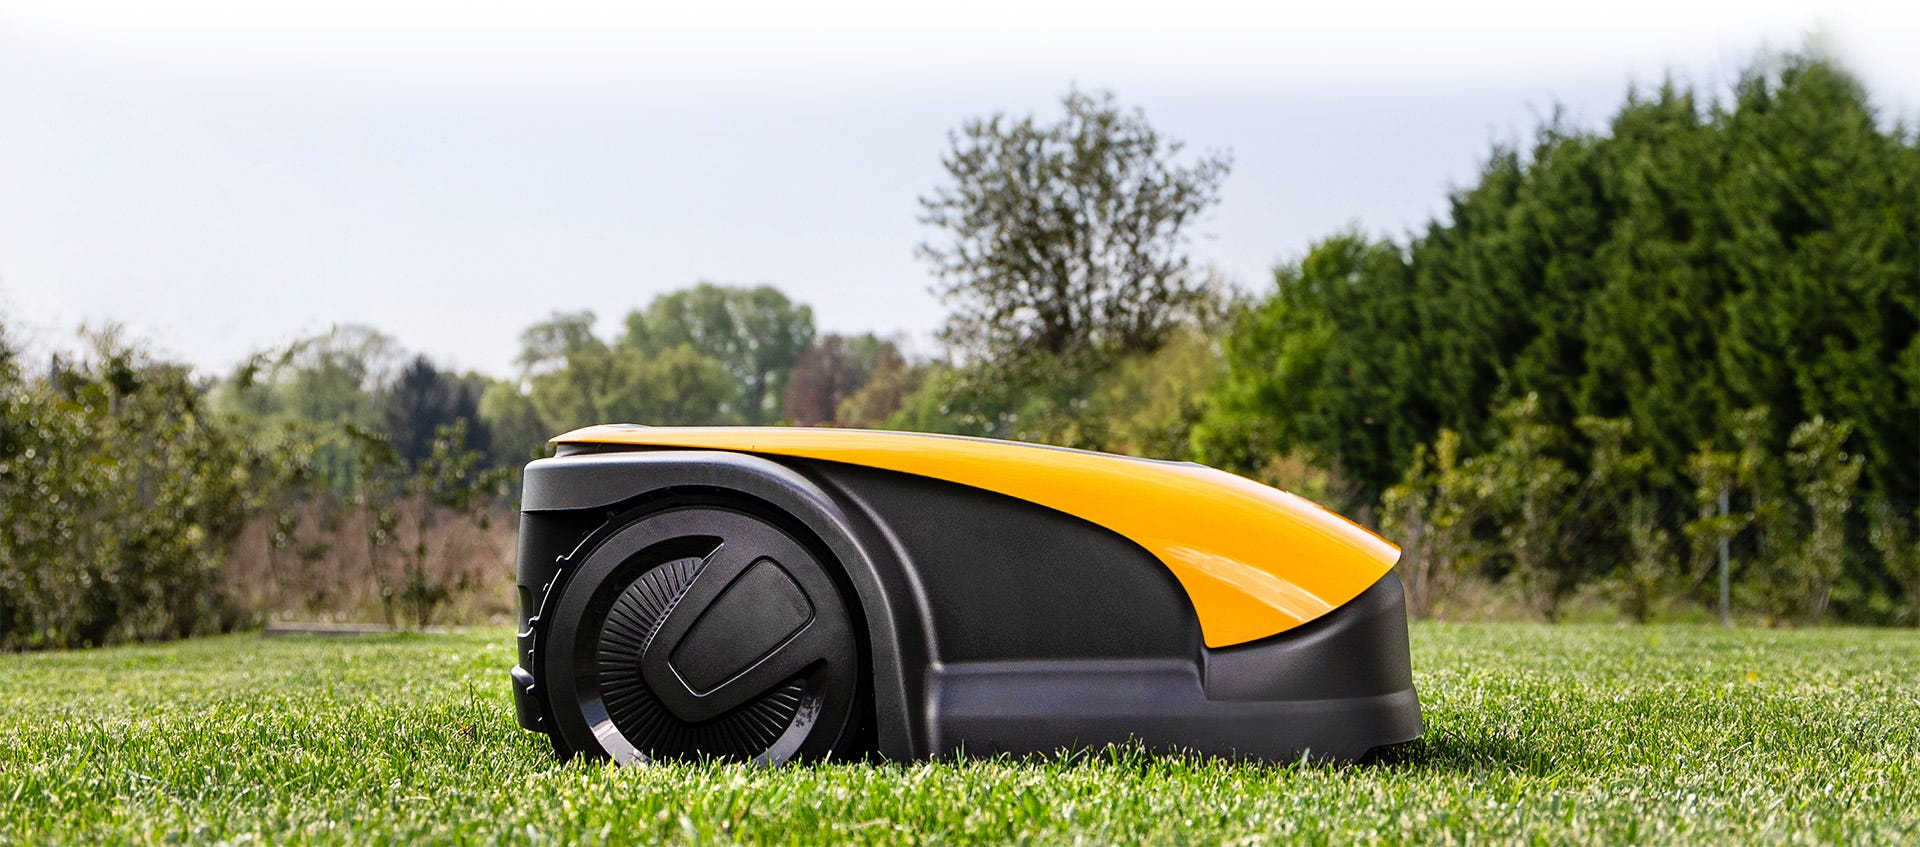 Robotmaaier Stig van STIGA maait gras op groen gazon